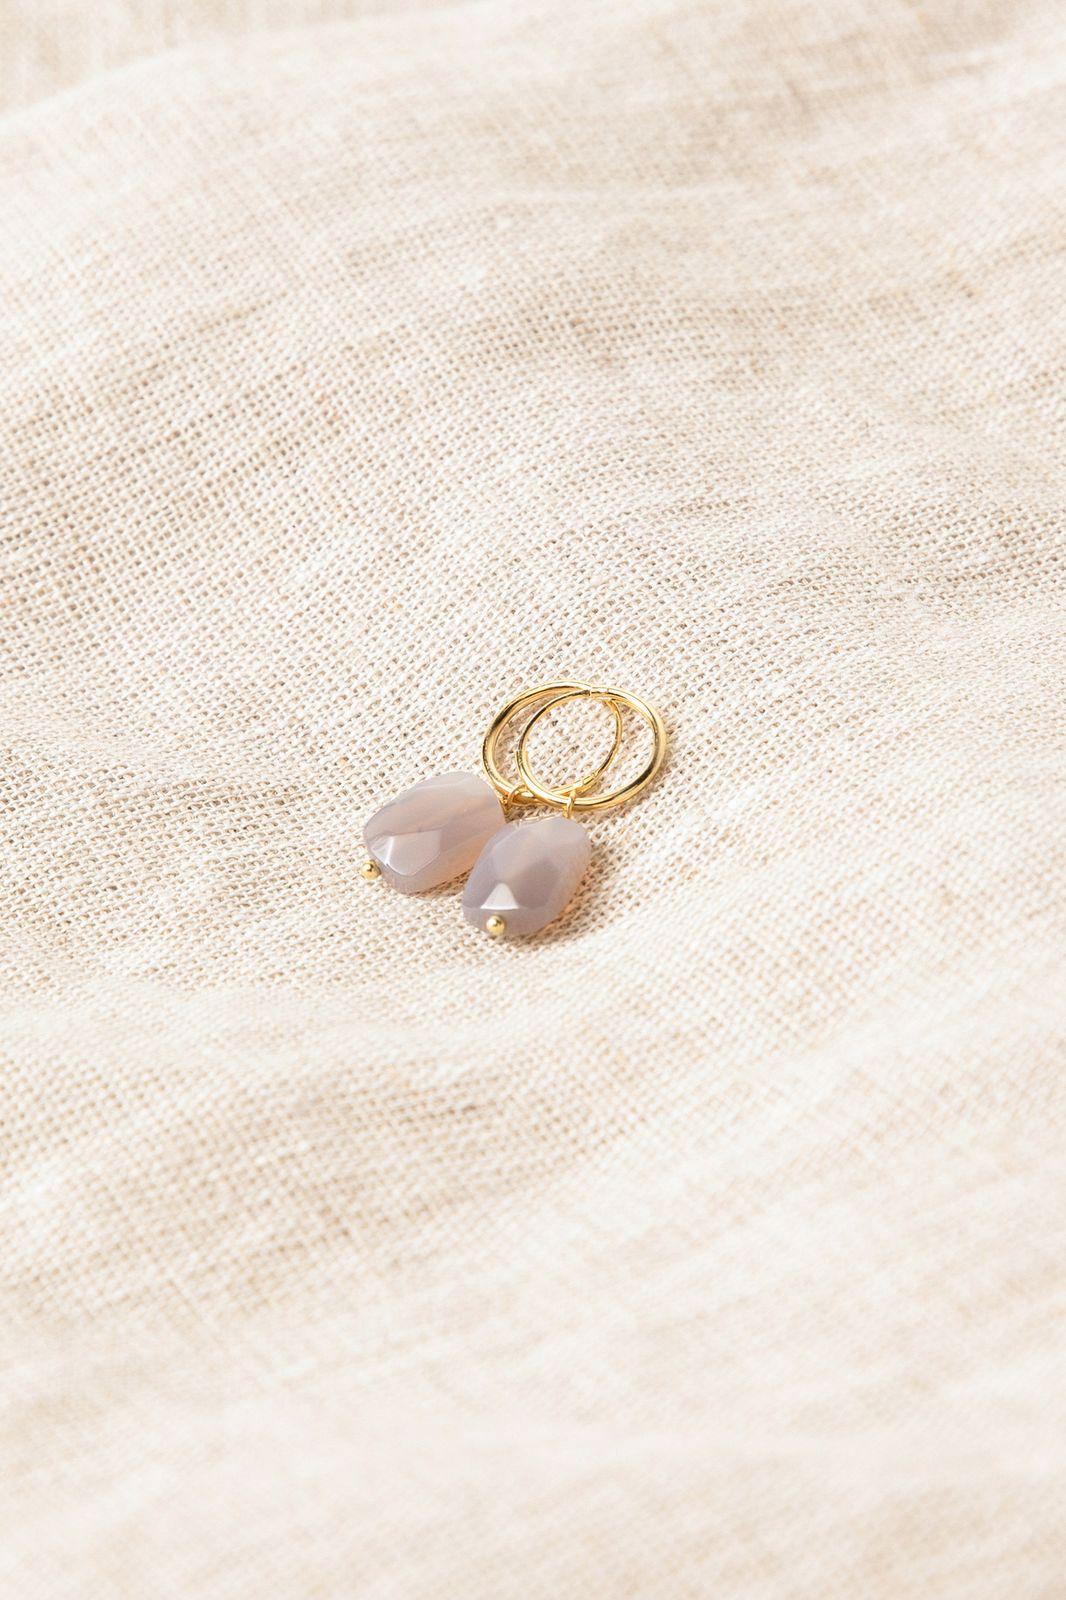 Goldplated oorbellen met grijs steentje